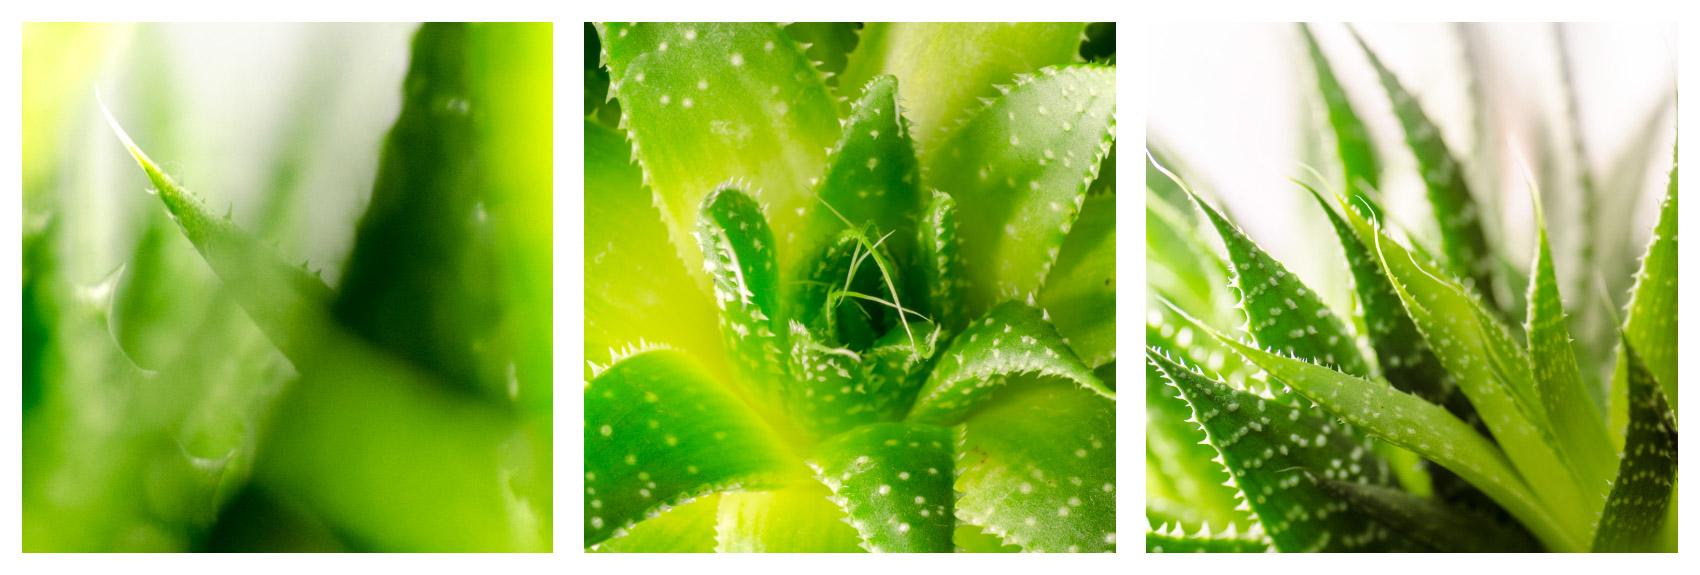 Jak fotit za špatného počasí: makro kaktusu